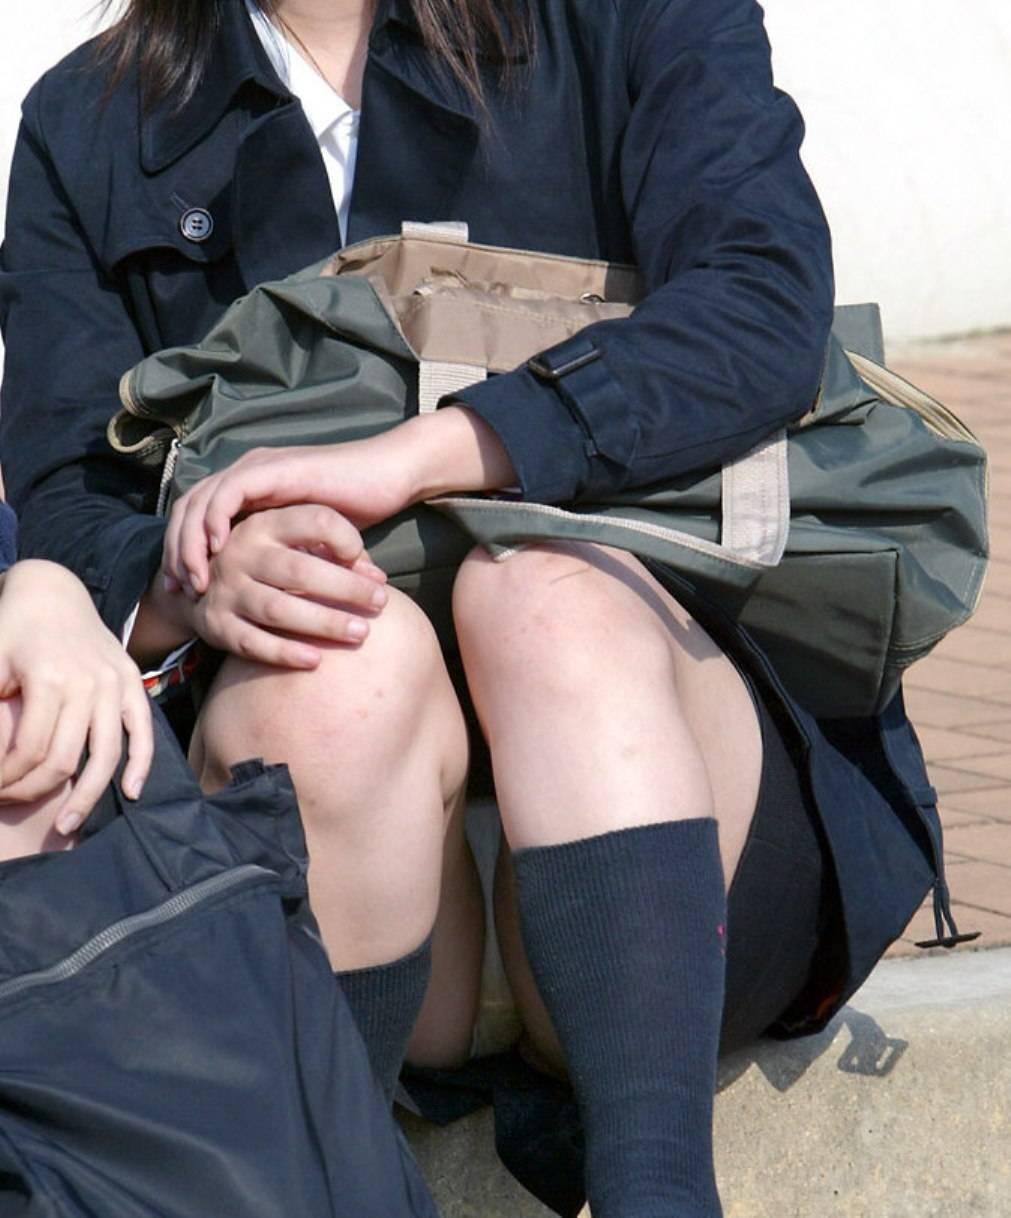 女子校生の下着が丸出しになってる (16)